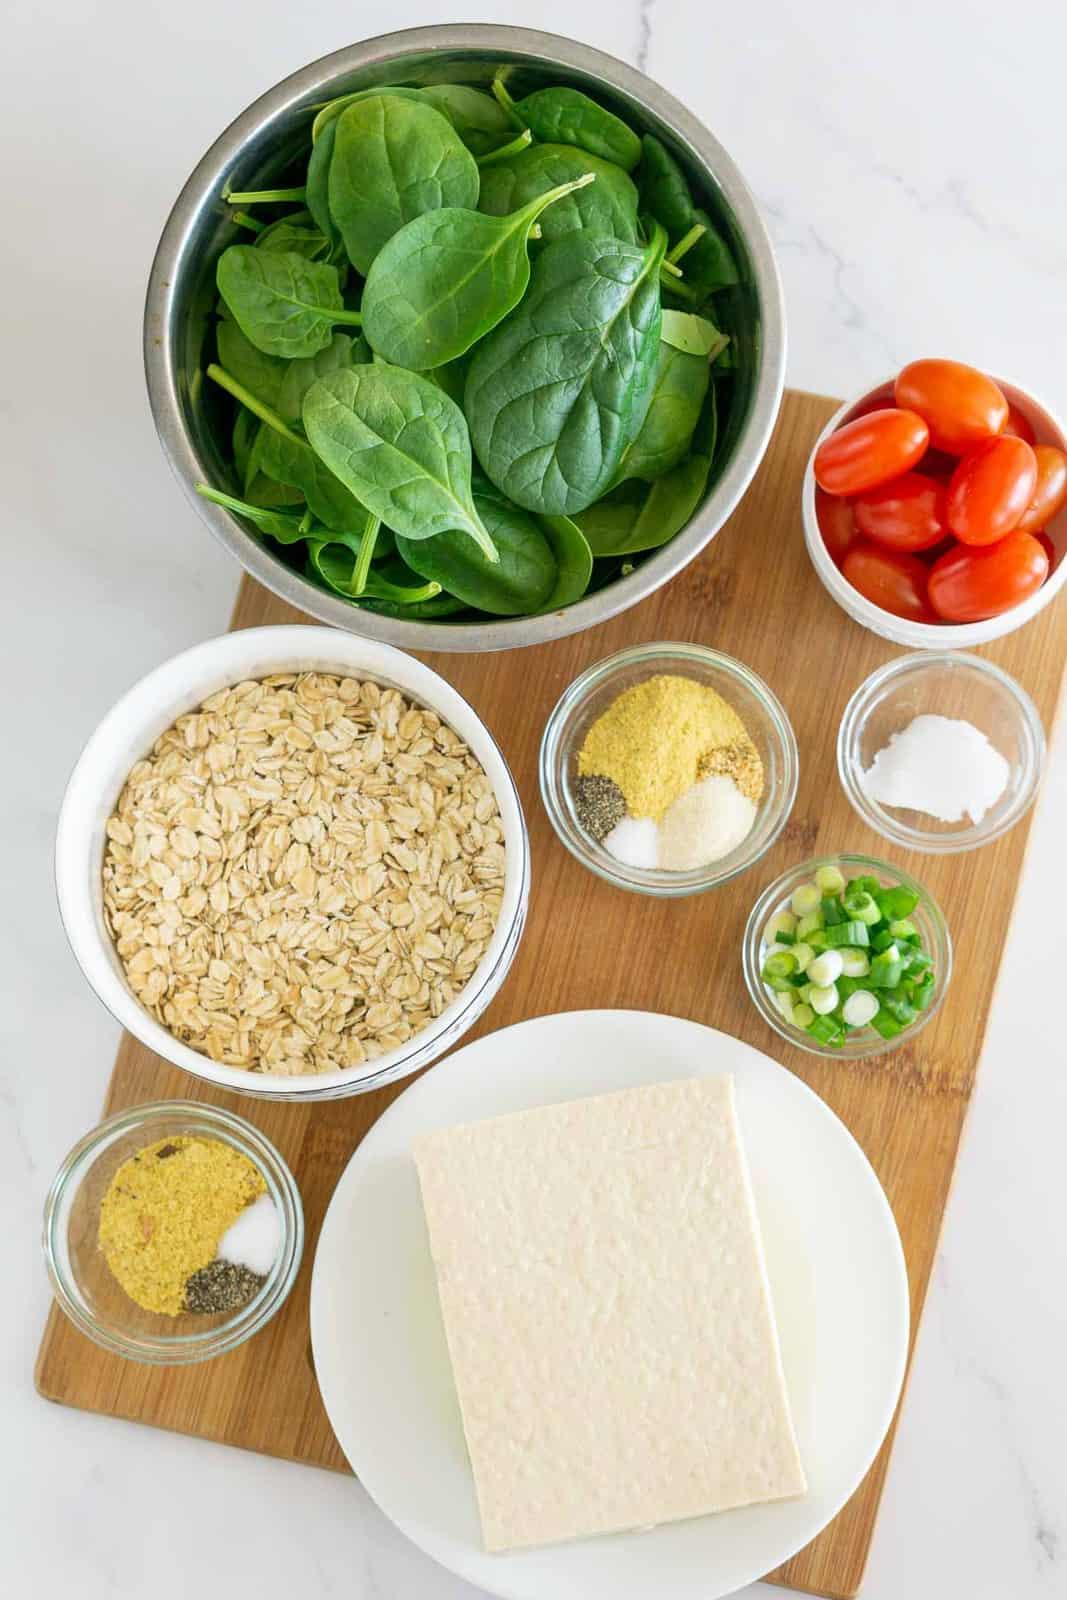 Ingredients to make savory vegan oatmeal.